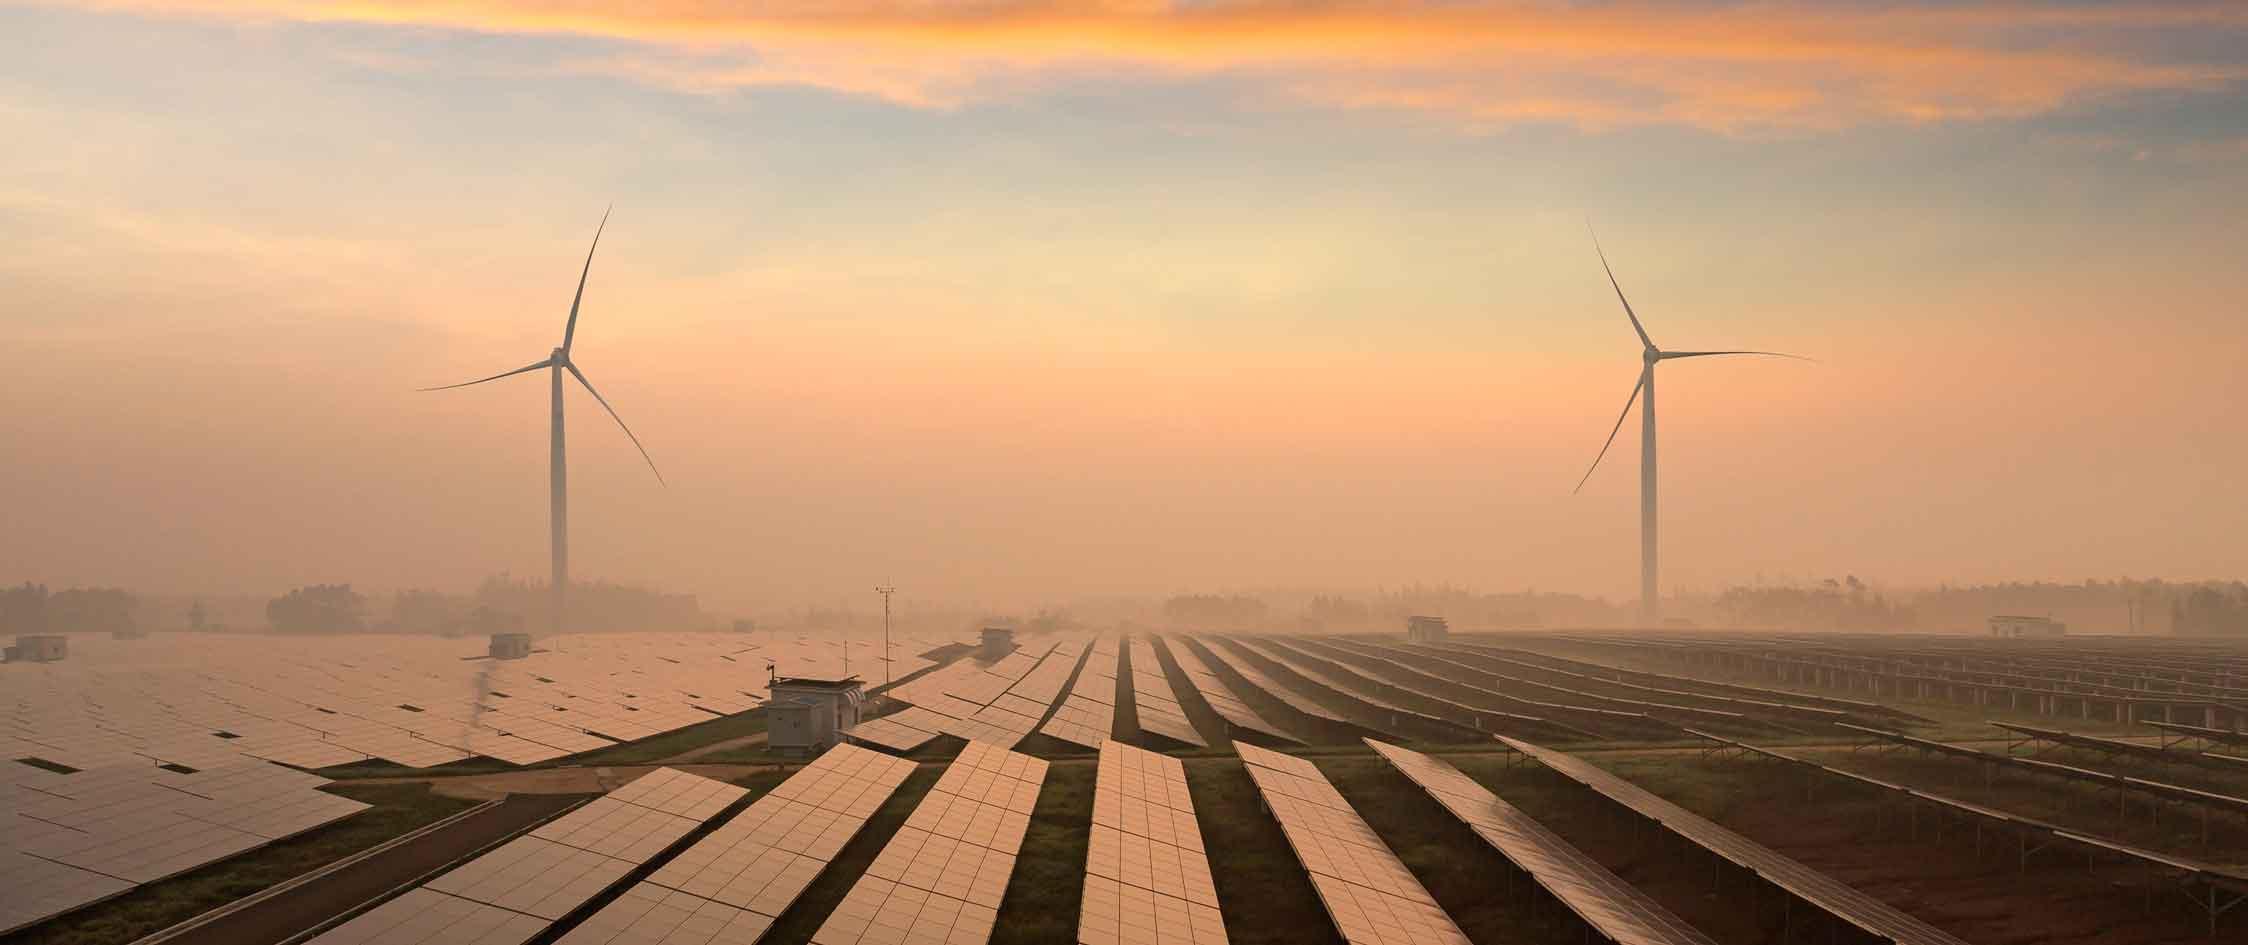 CONSEILS FINANCIERS POUR LES ENERGIES RENOUVELABLES ET LES CLEANTECHS